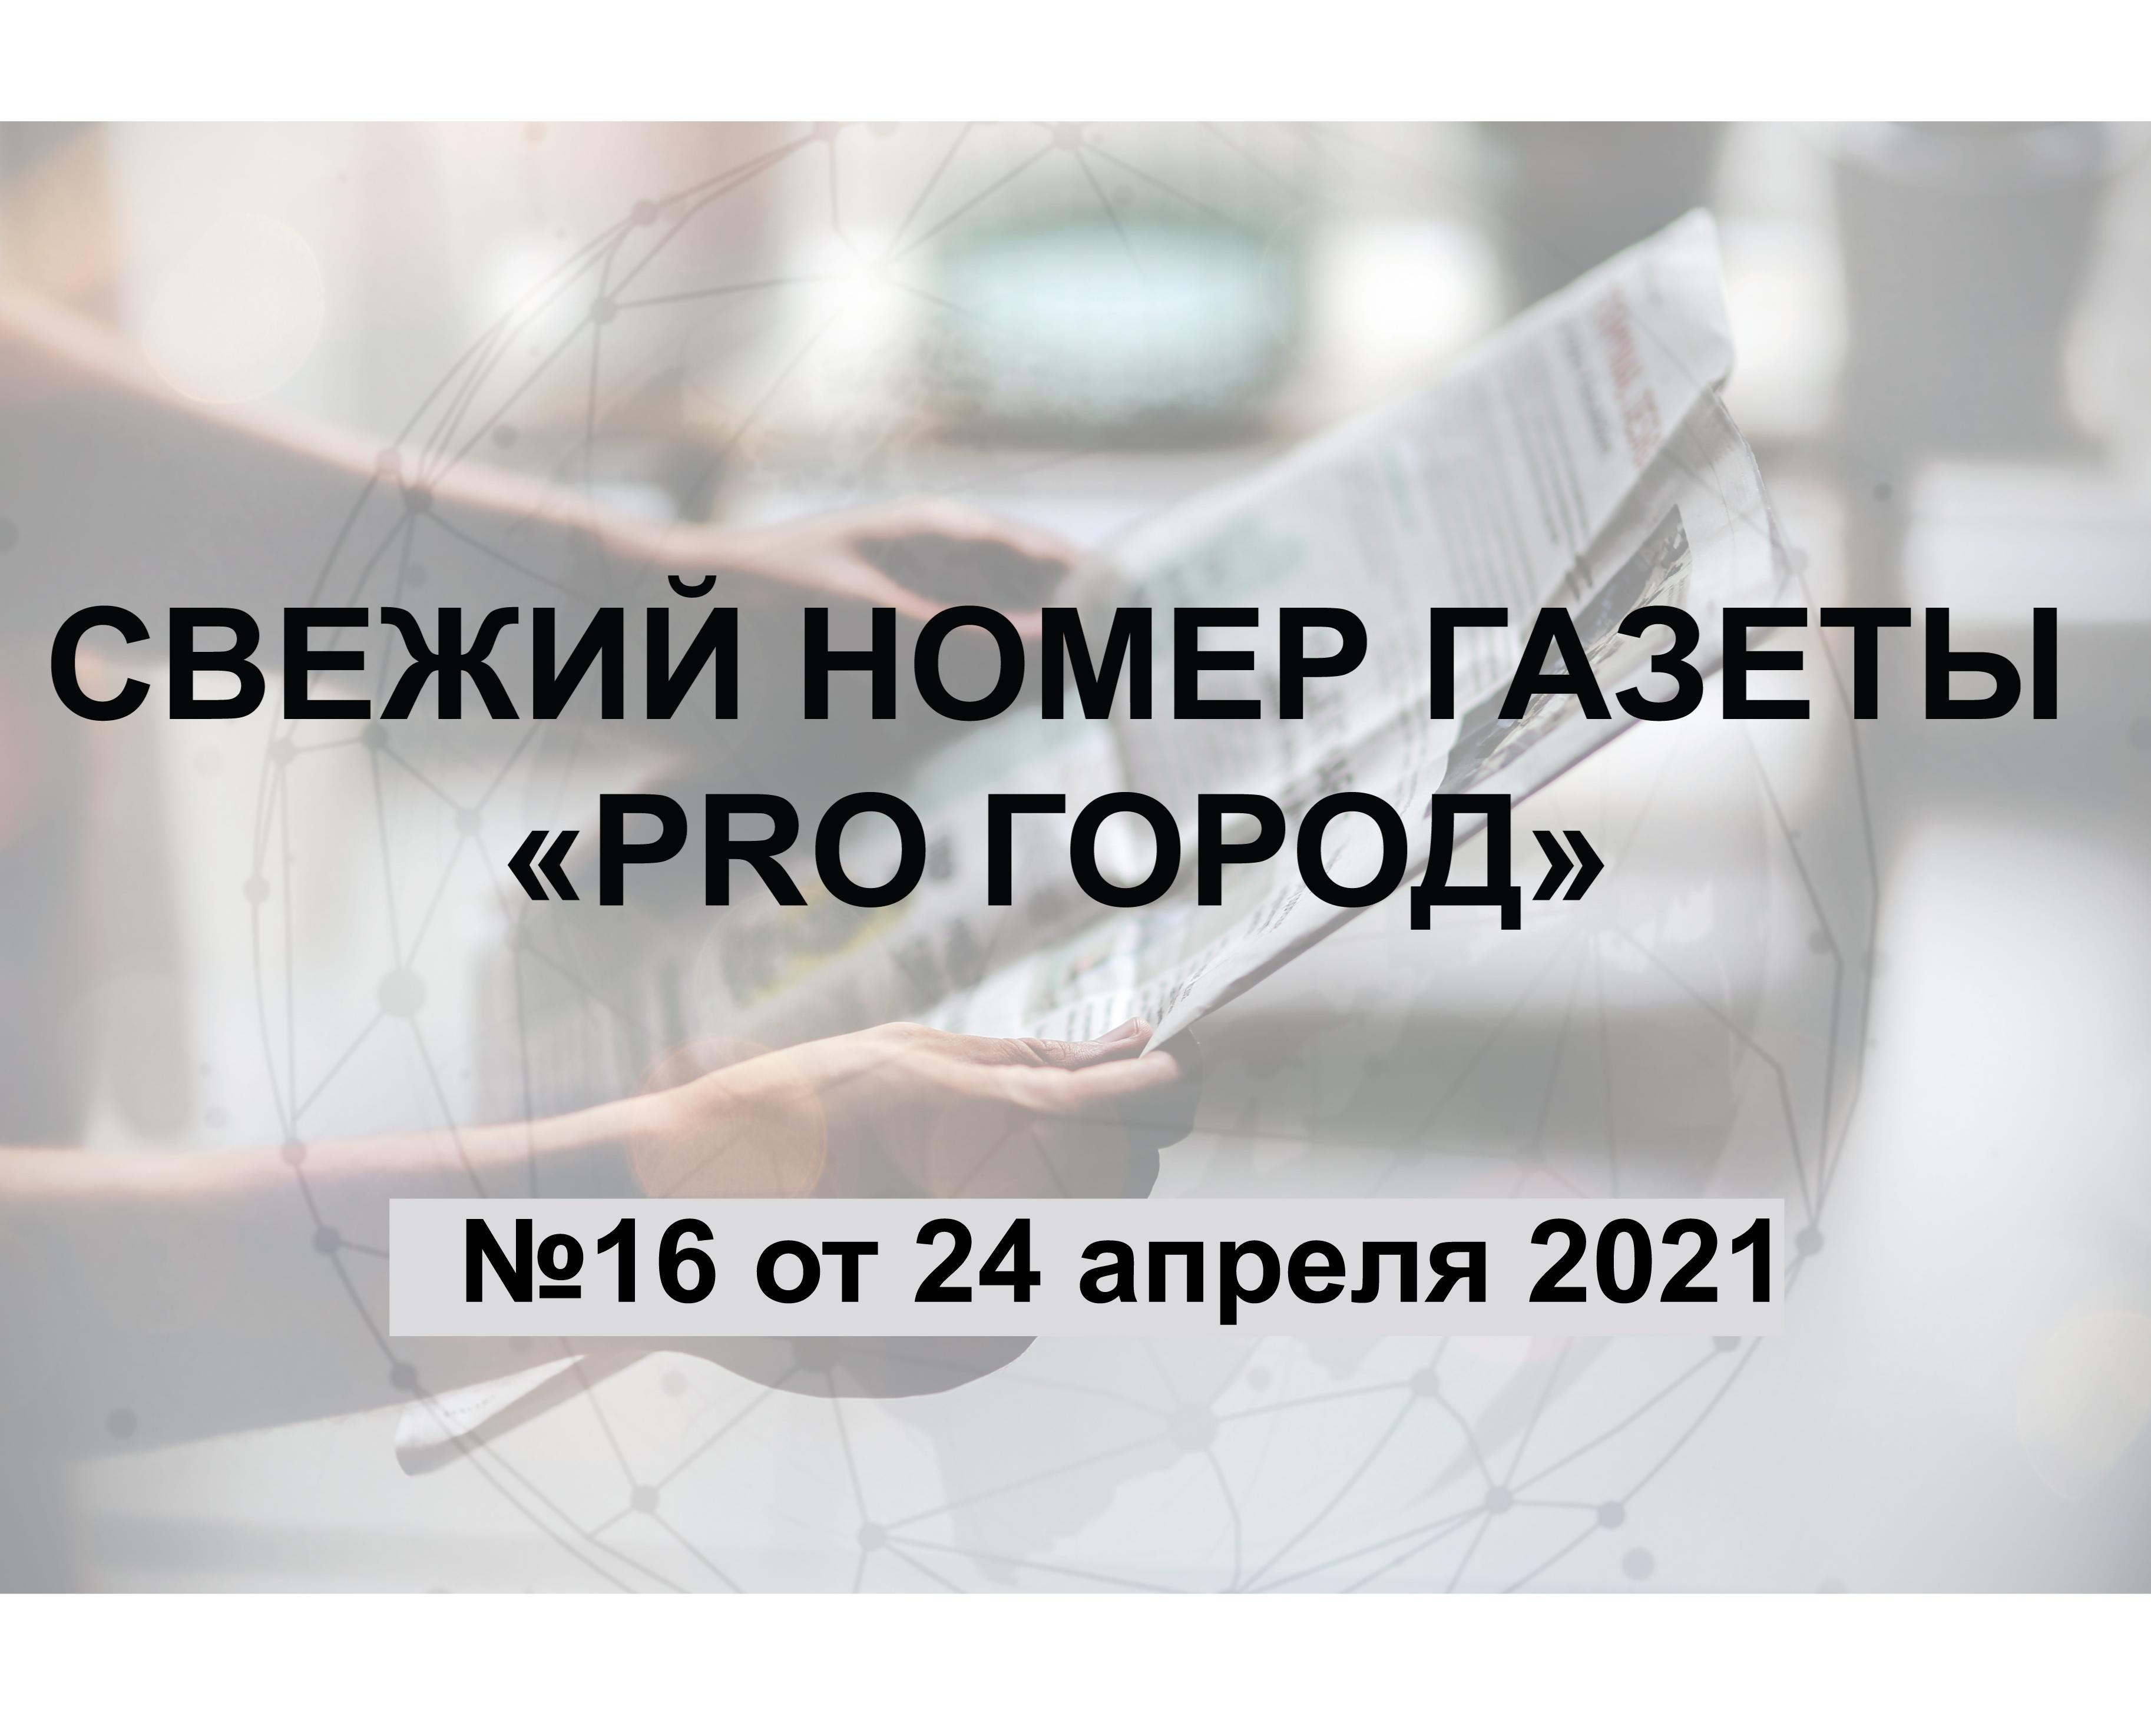 Газета «Pro Город Кирово-Чепецк» номер 16 от 24 апреля 2021 года